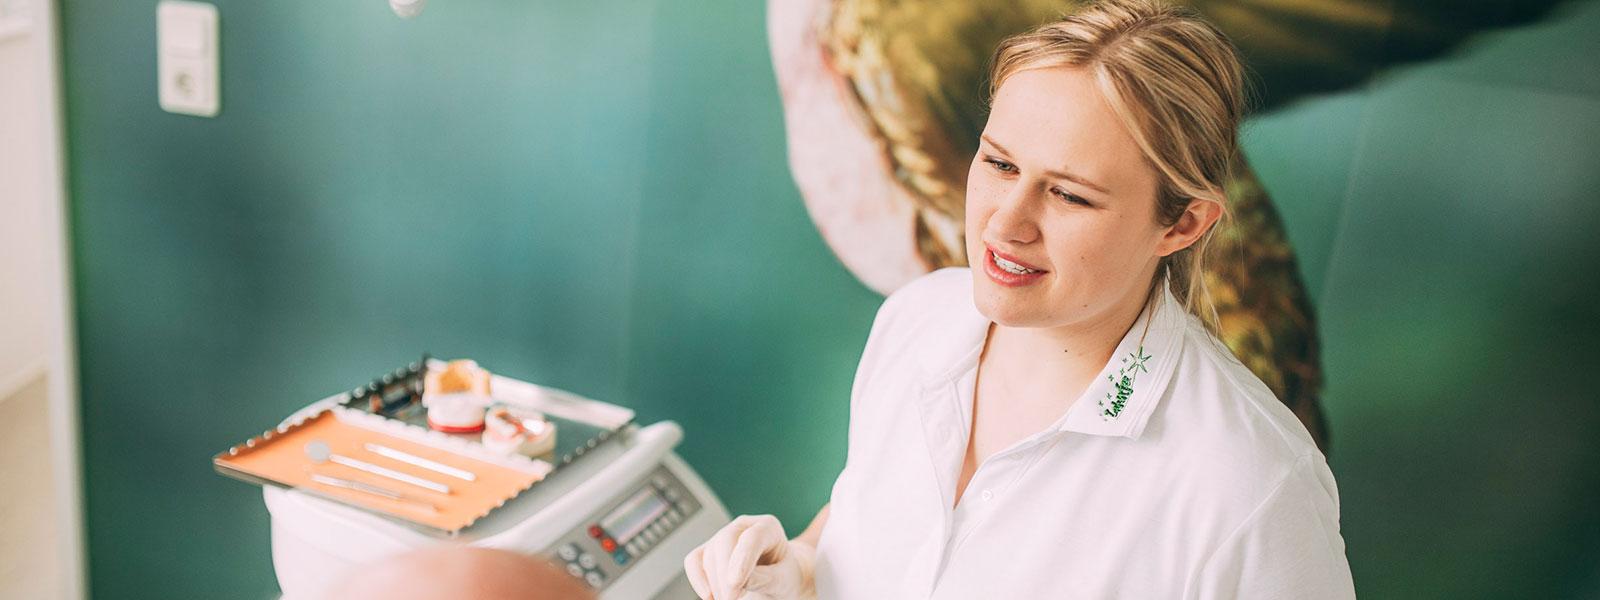 Zahnärztin Anne Stille behandelt mit Laser in Magdeburg.